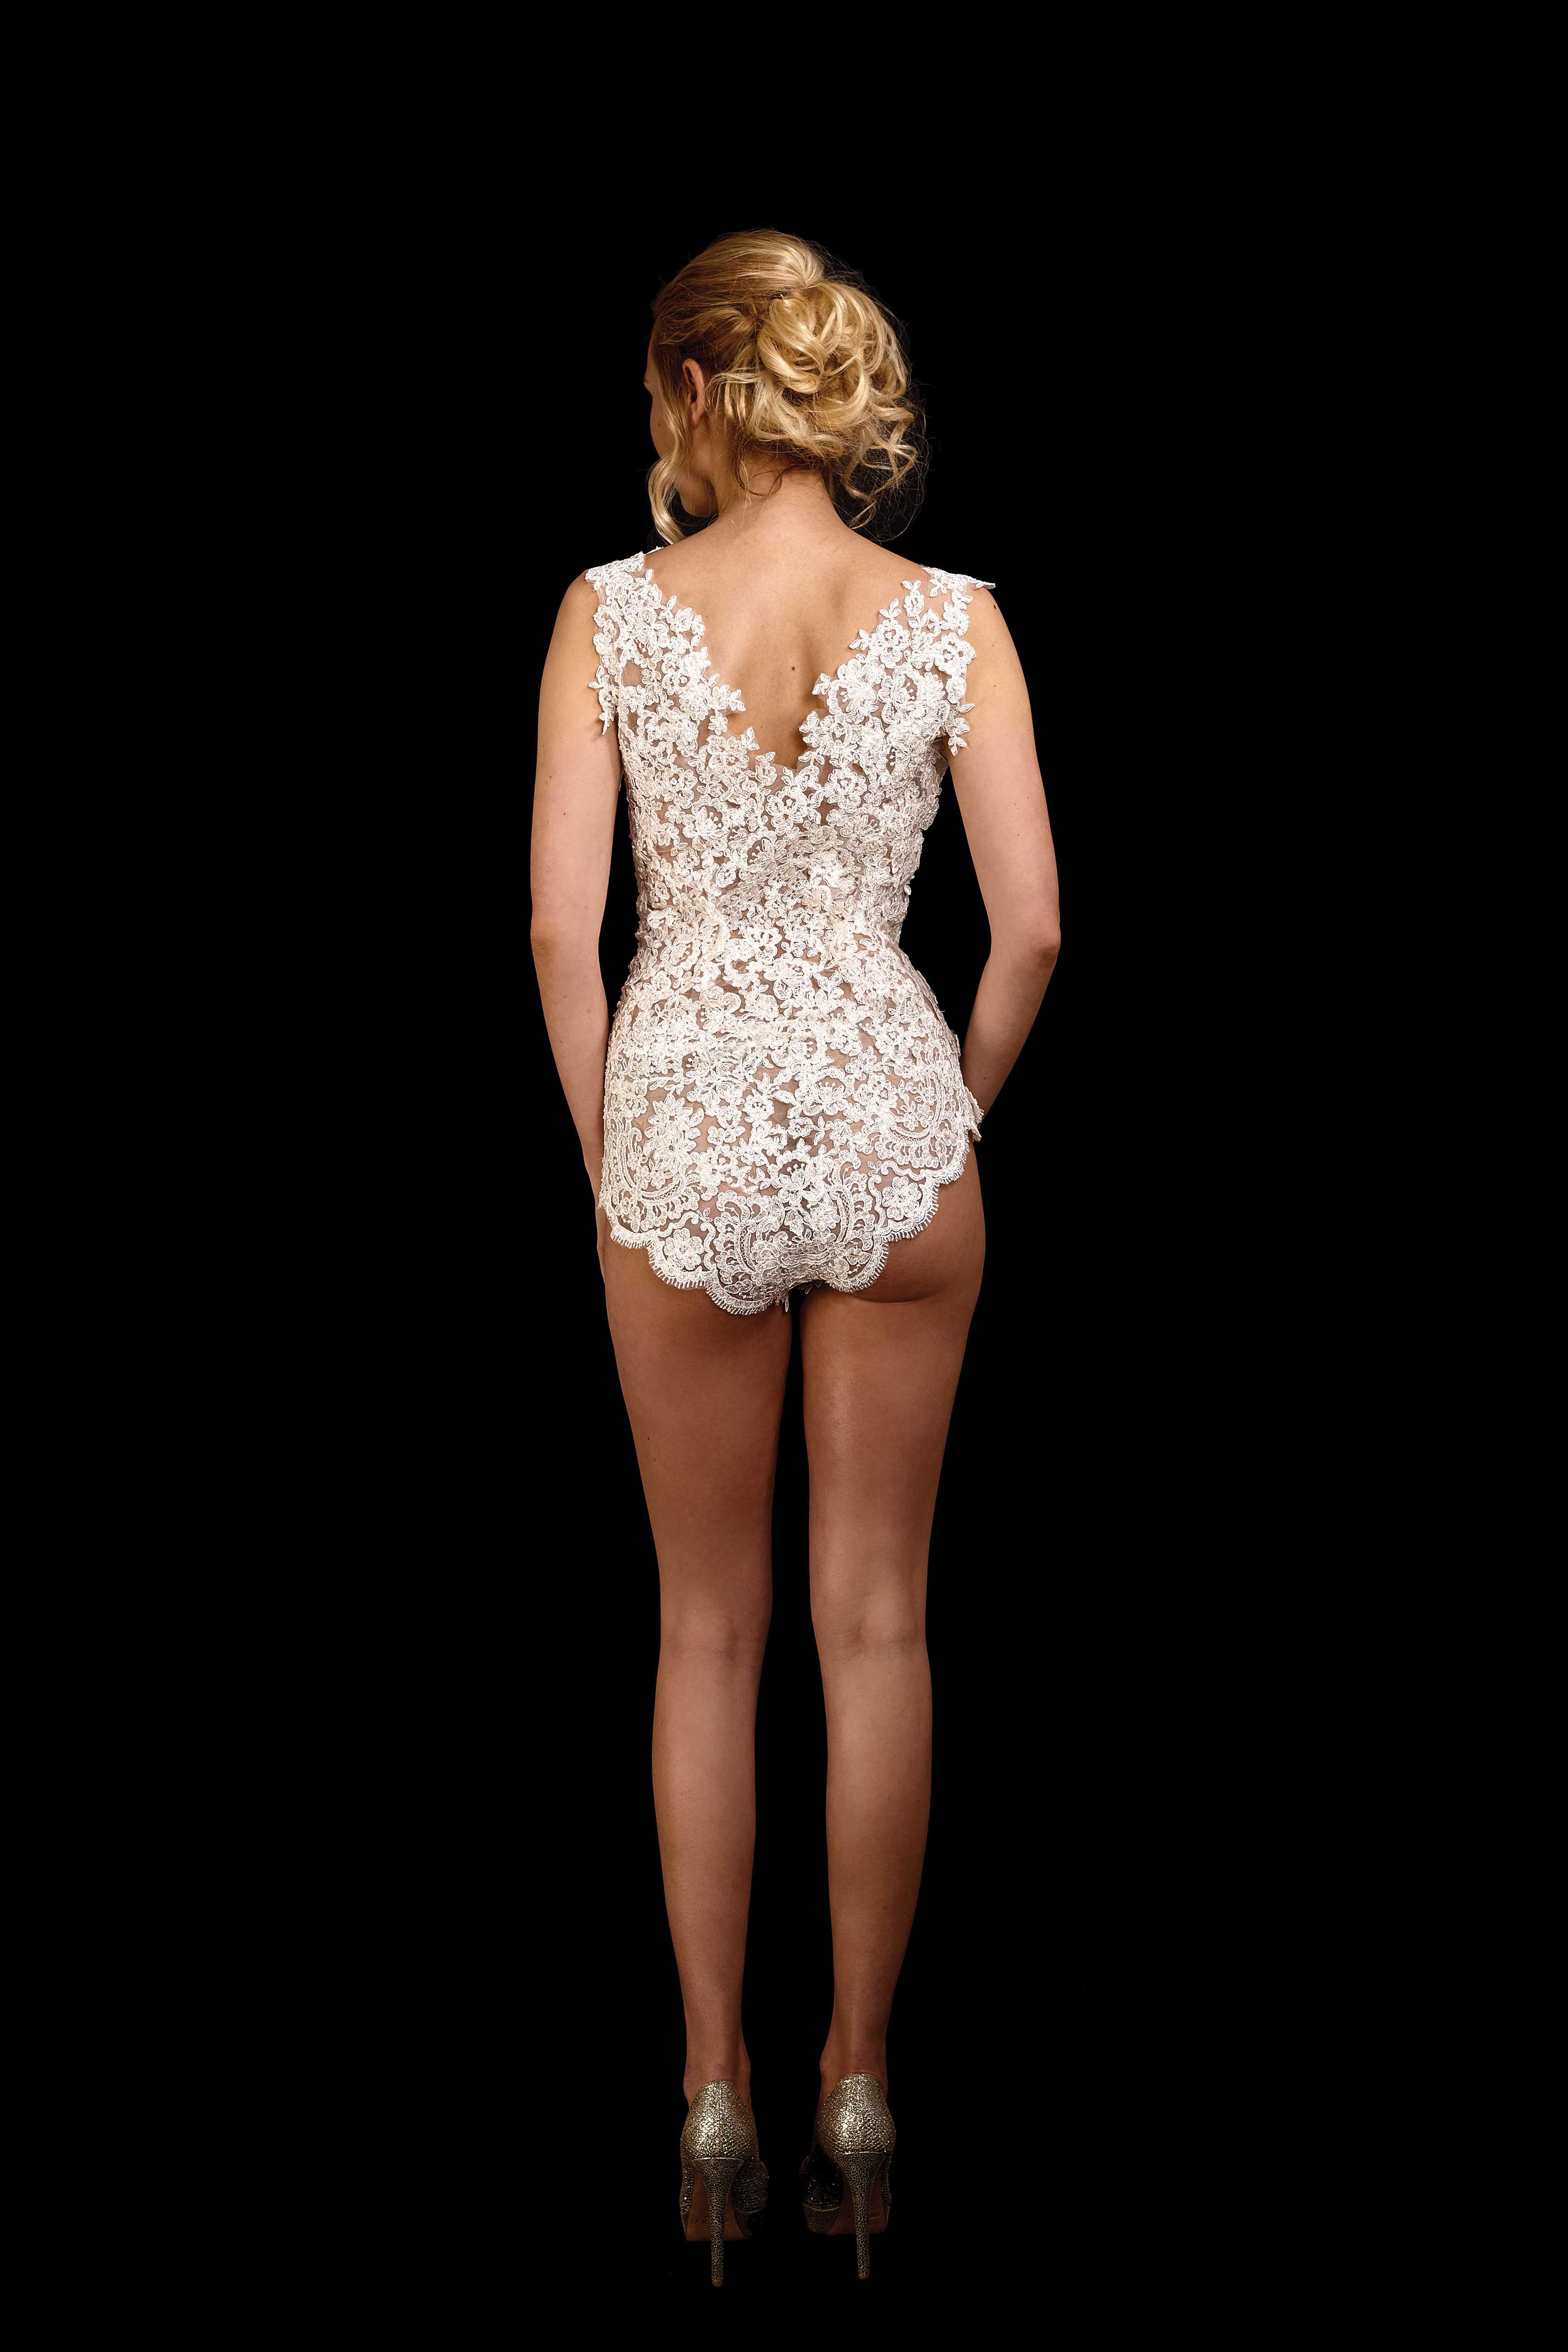 Rückenansicht Body Lovely 2.0 aus Spitze mit Perlen und Pailletten bestickt